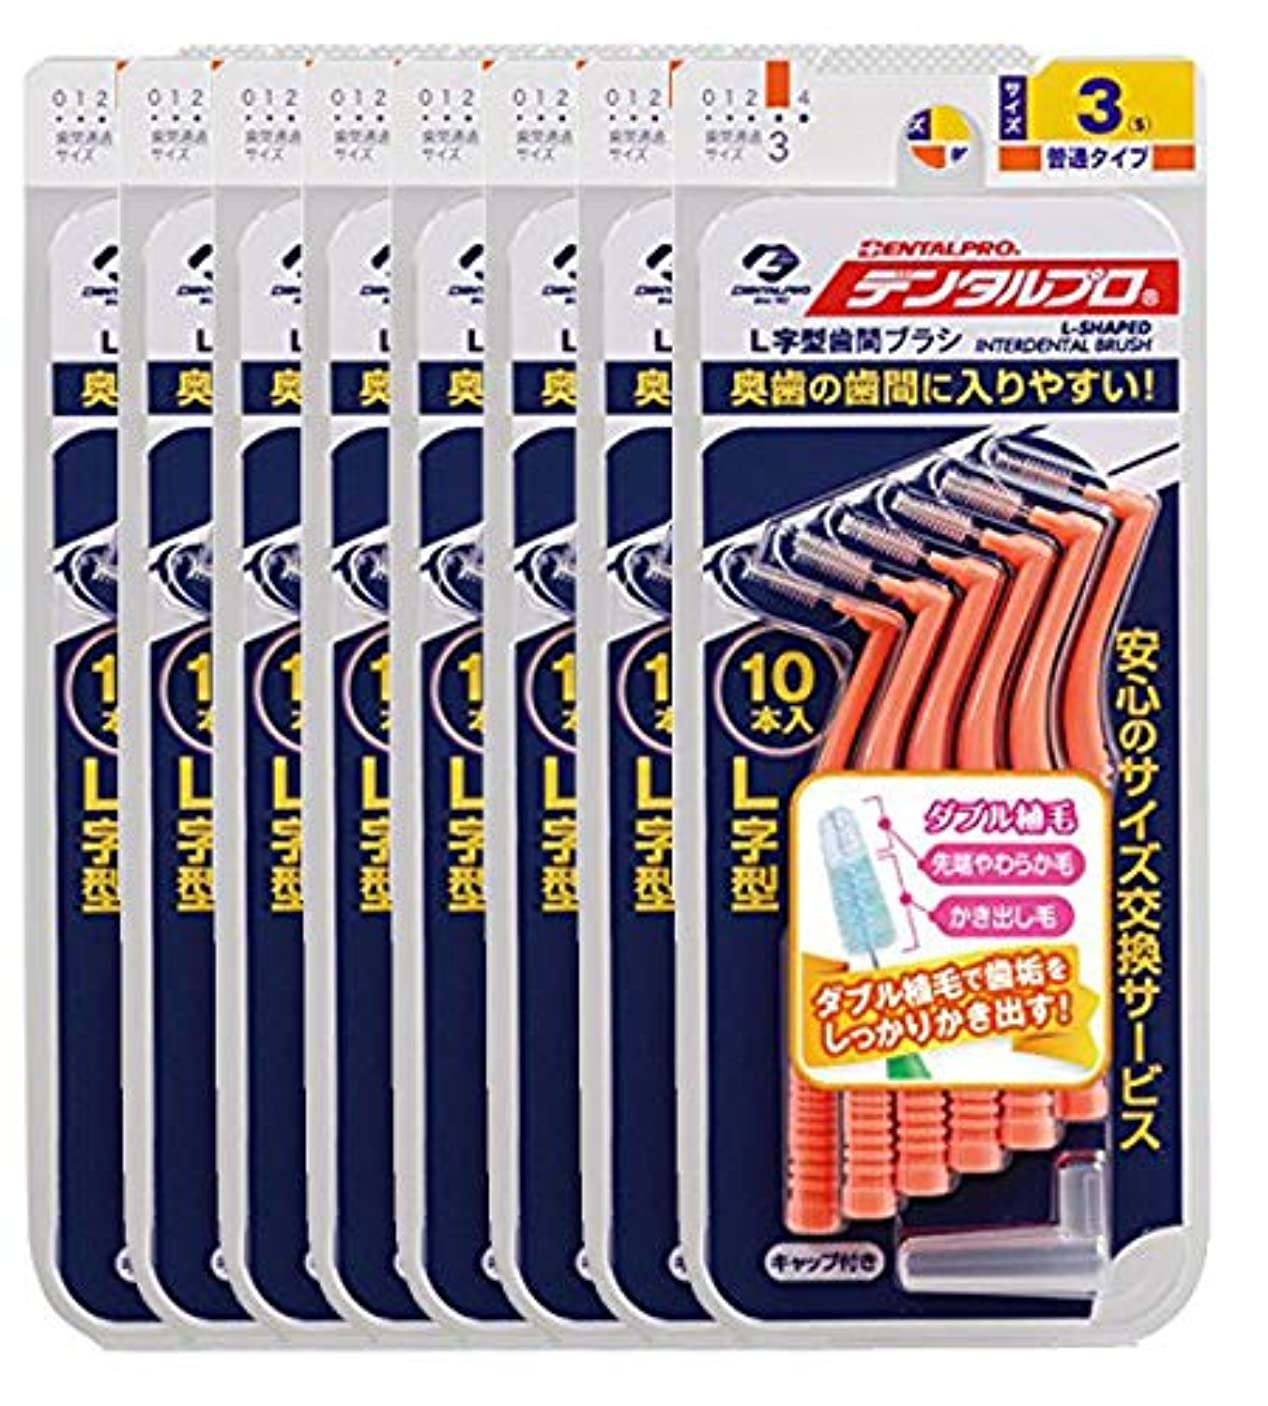 わな飲食店プレミアデンタルプロ 歯間ブラシ L字型 サイズ3(S) 10本 × 8個セット